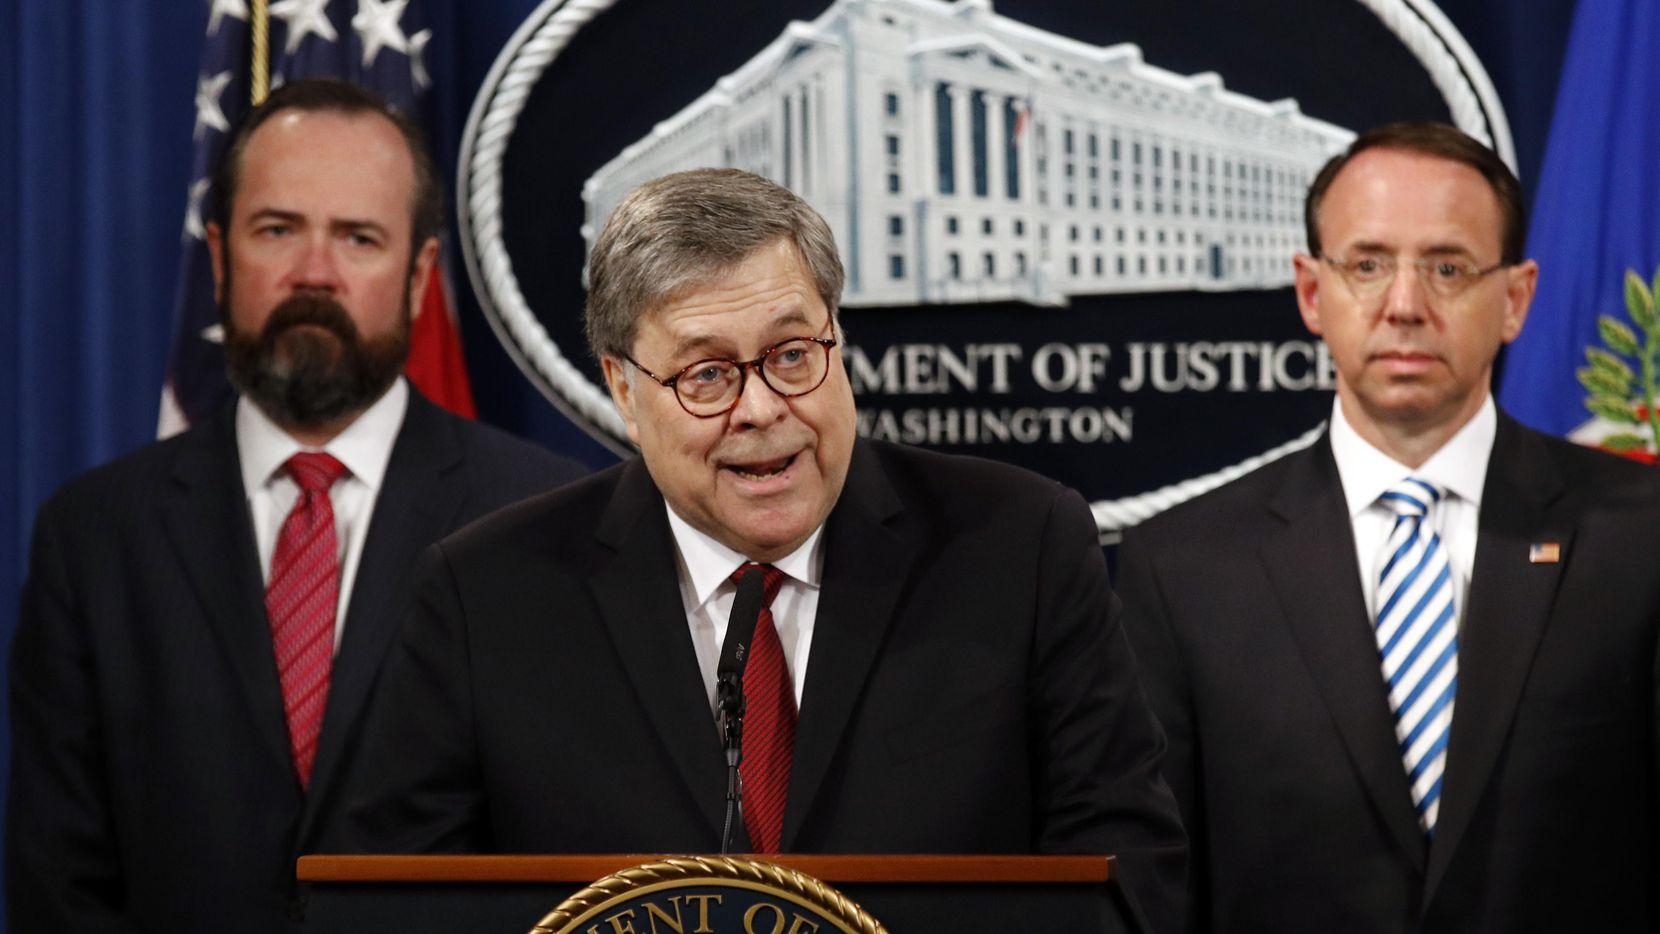 El secretario de Justicia William Barr y los subsecretarios Edward O'Callaghan y Rod Rosenstein durante la conferencia para hablar sobre el reporte del fiscal especial Robert Mueller.(AP) (AP/Patrick Semansky)